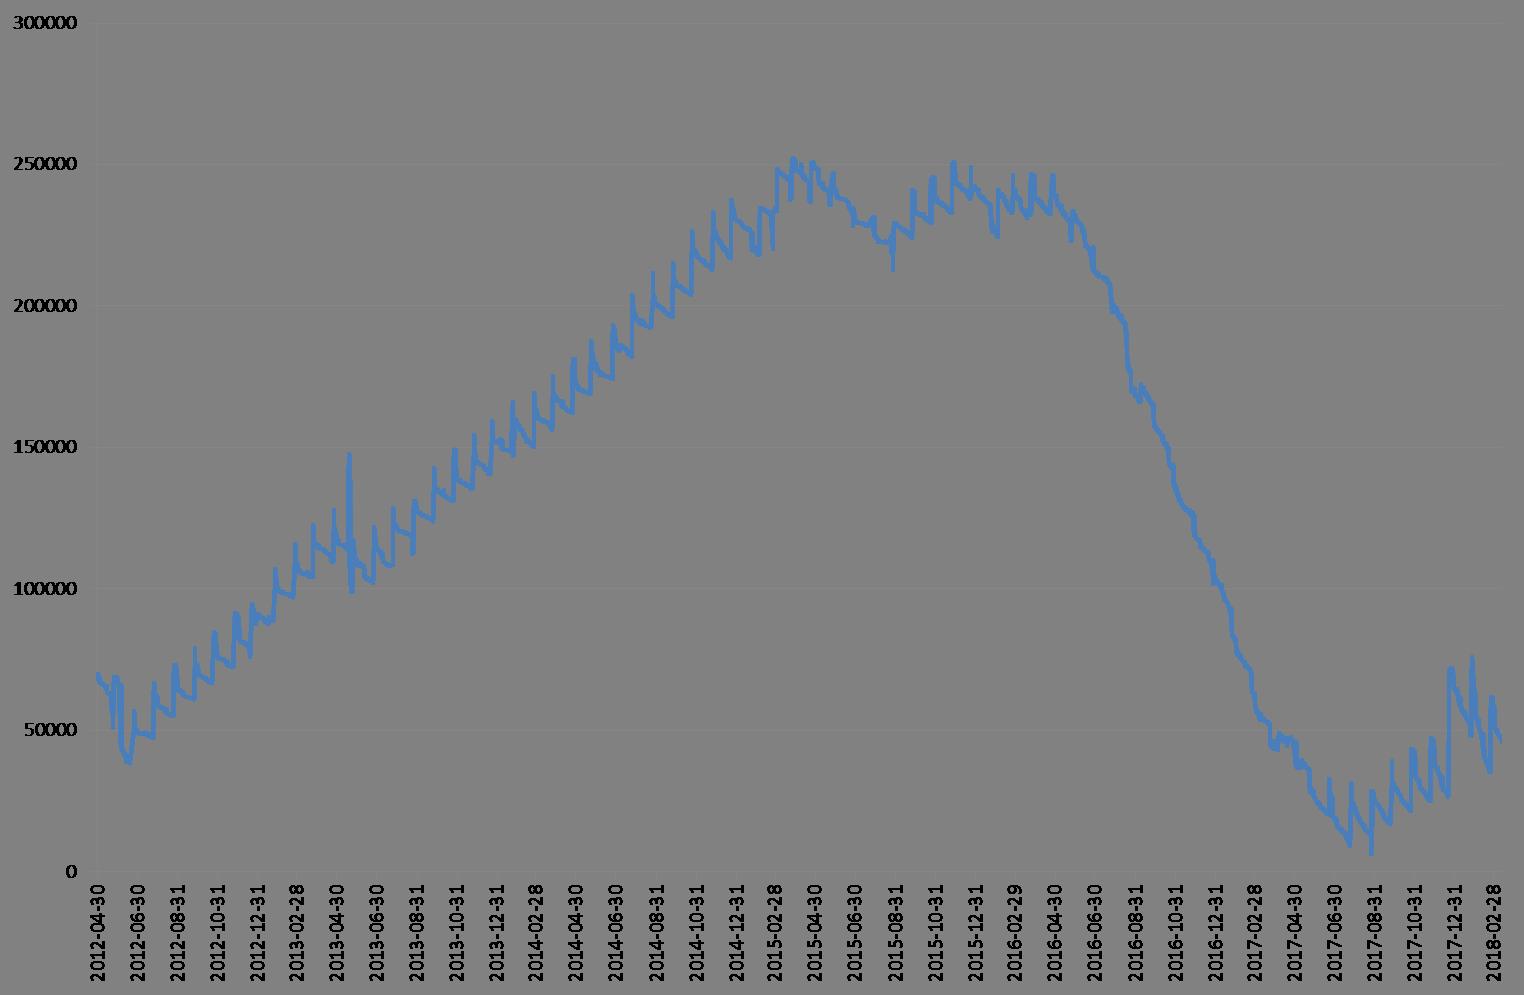 Linjediagram som visar min totala positiva förmögenhet (d.v.s. exklusive skulder) från maj 2012 till mars 2018. Från maj 2012 till februari 2015 ökade saldot från omkring 60 000 SEK till 250 000 SEK. Saldot låg kvar på den nivån till sommaren 2016, då kurvan börjar störtdyka nedåt mot nollstrecket under sommaren 2017, då en antydan till återhämtning kan observeras. Mot slutet ses stora fluktuationer kring 50 000-strecket.